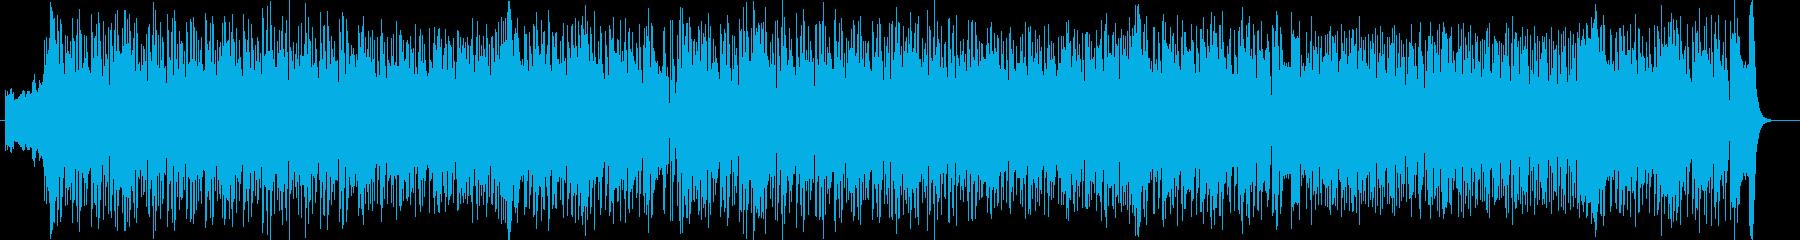 アップテンポでリズミカルなシンセポップスの再生済みの波形